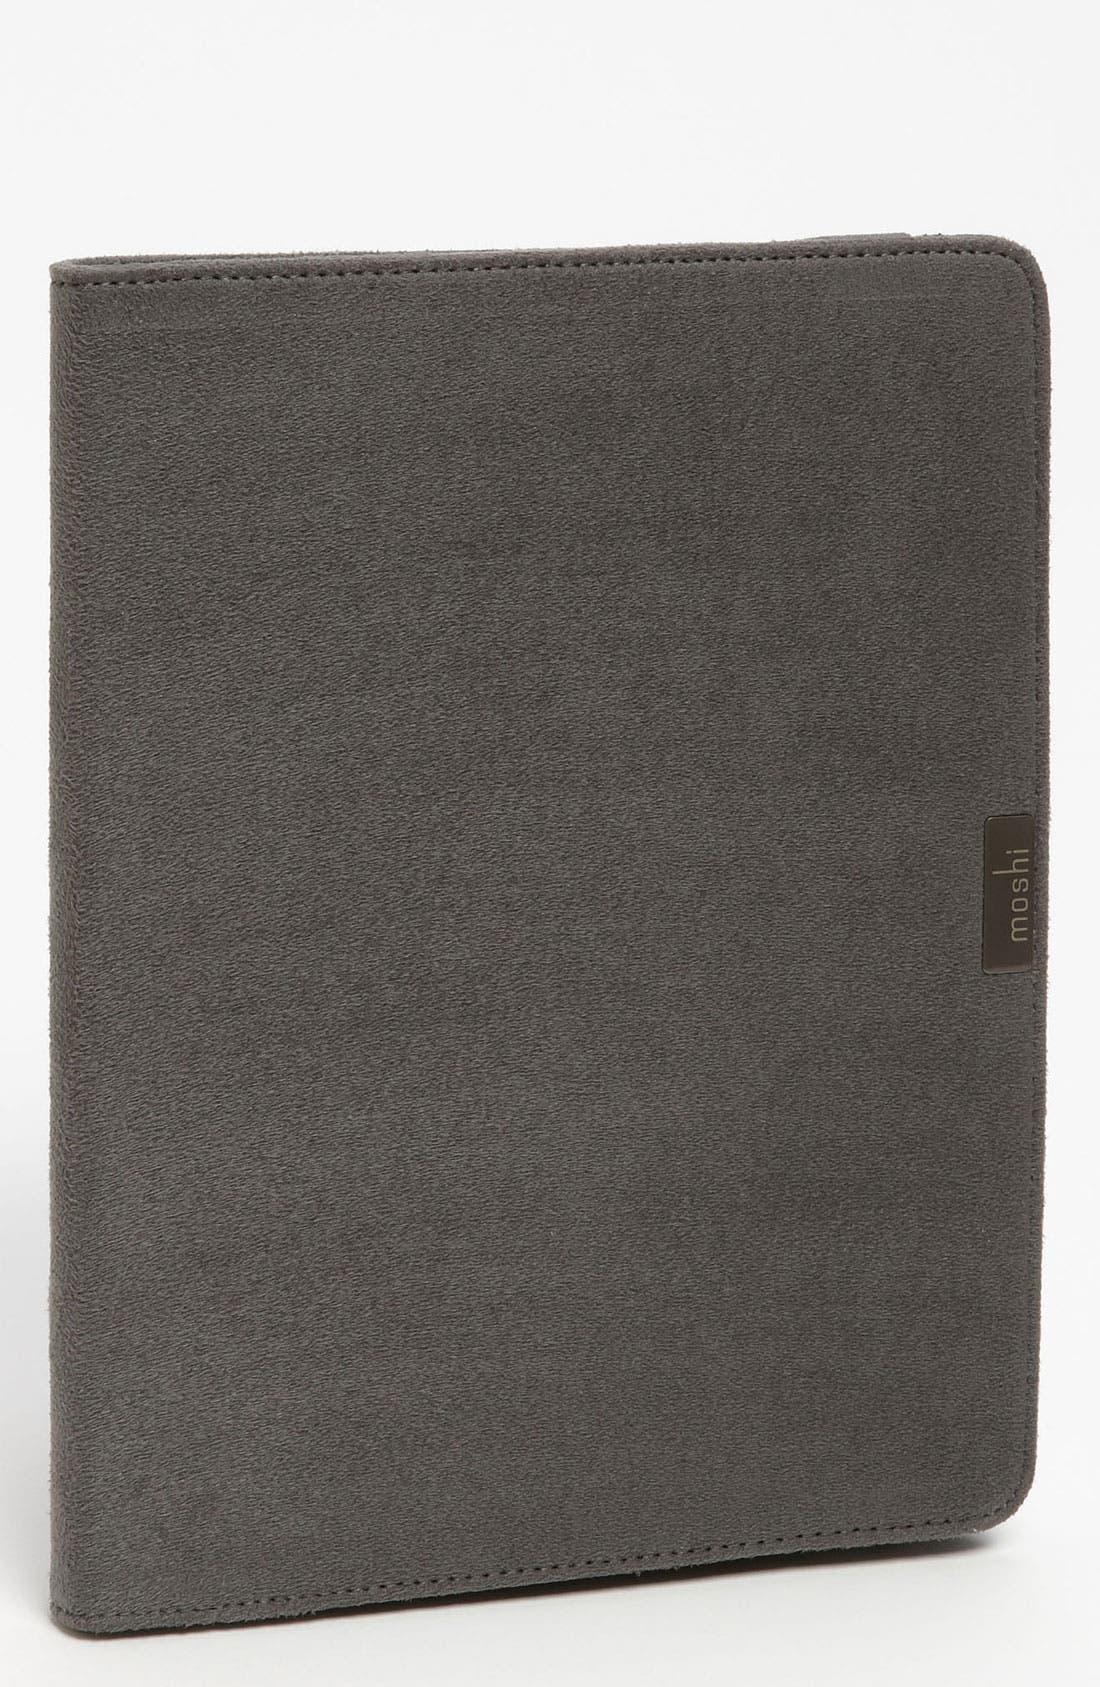 Main Image - Moshi 'Concerti' iPad 2 Portfolio Case